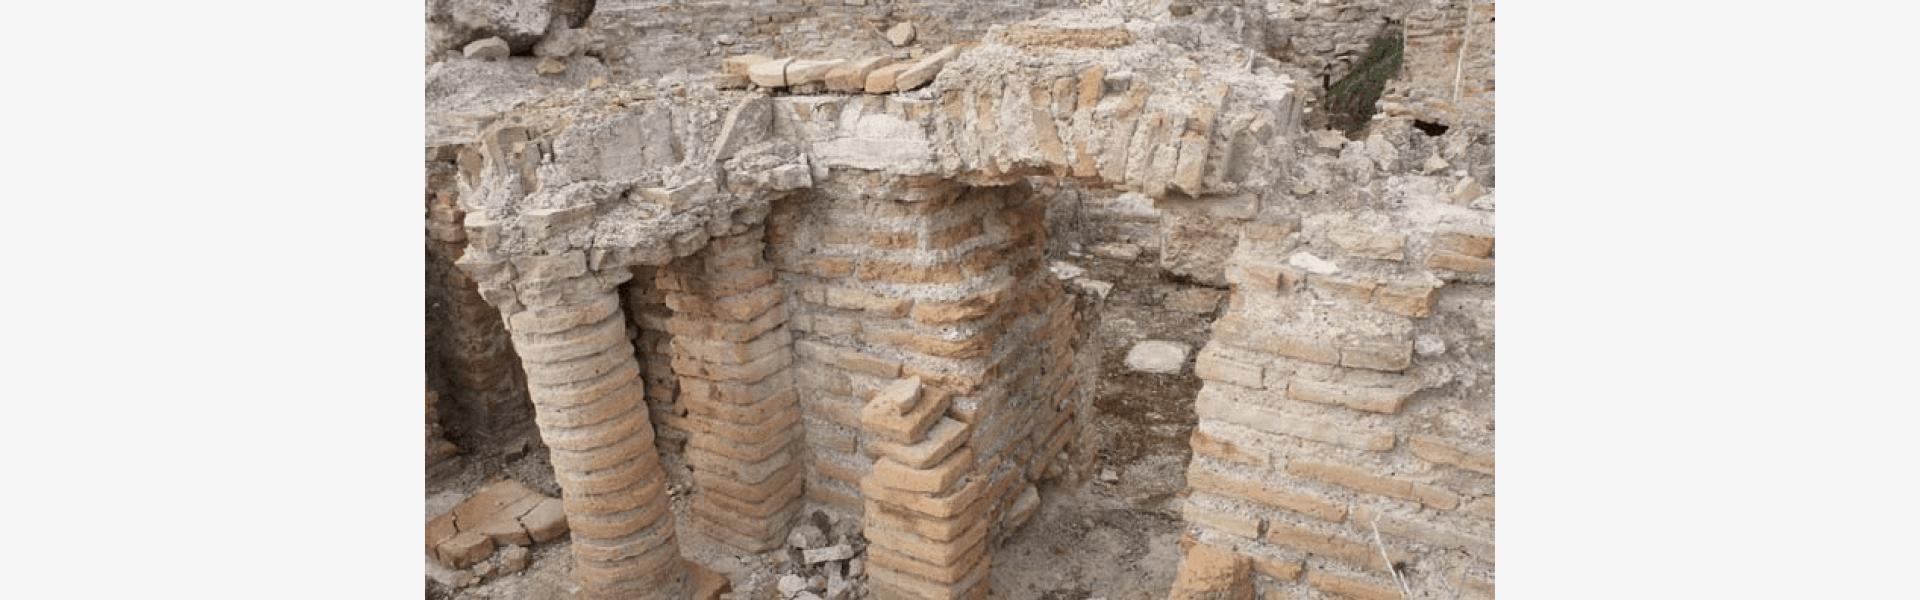 Αρχαιολογικός χώρος στο Λουτράκι